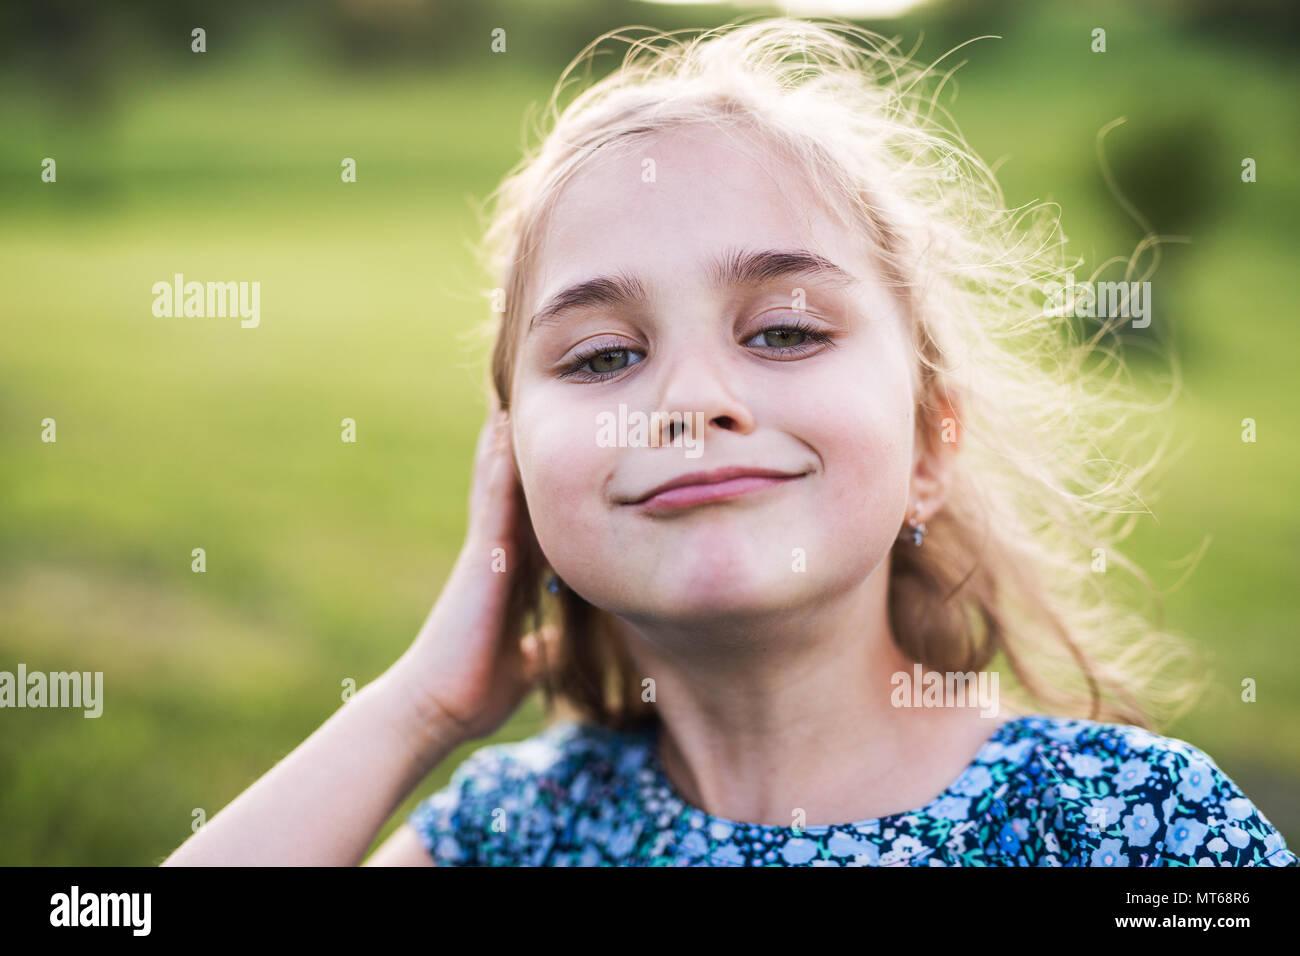 Une petite fille dans le jardin au printemps la nature. Photo Stock